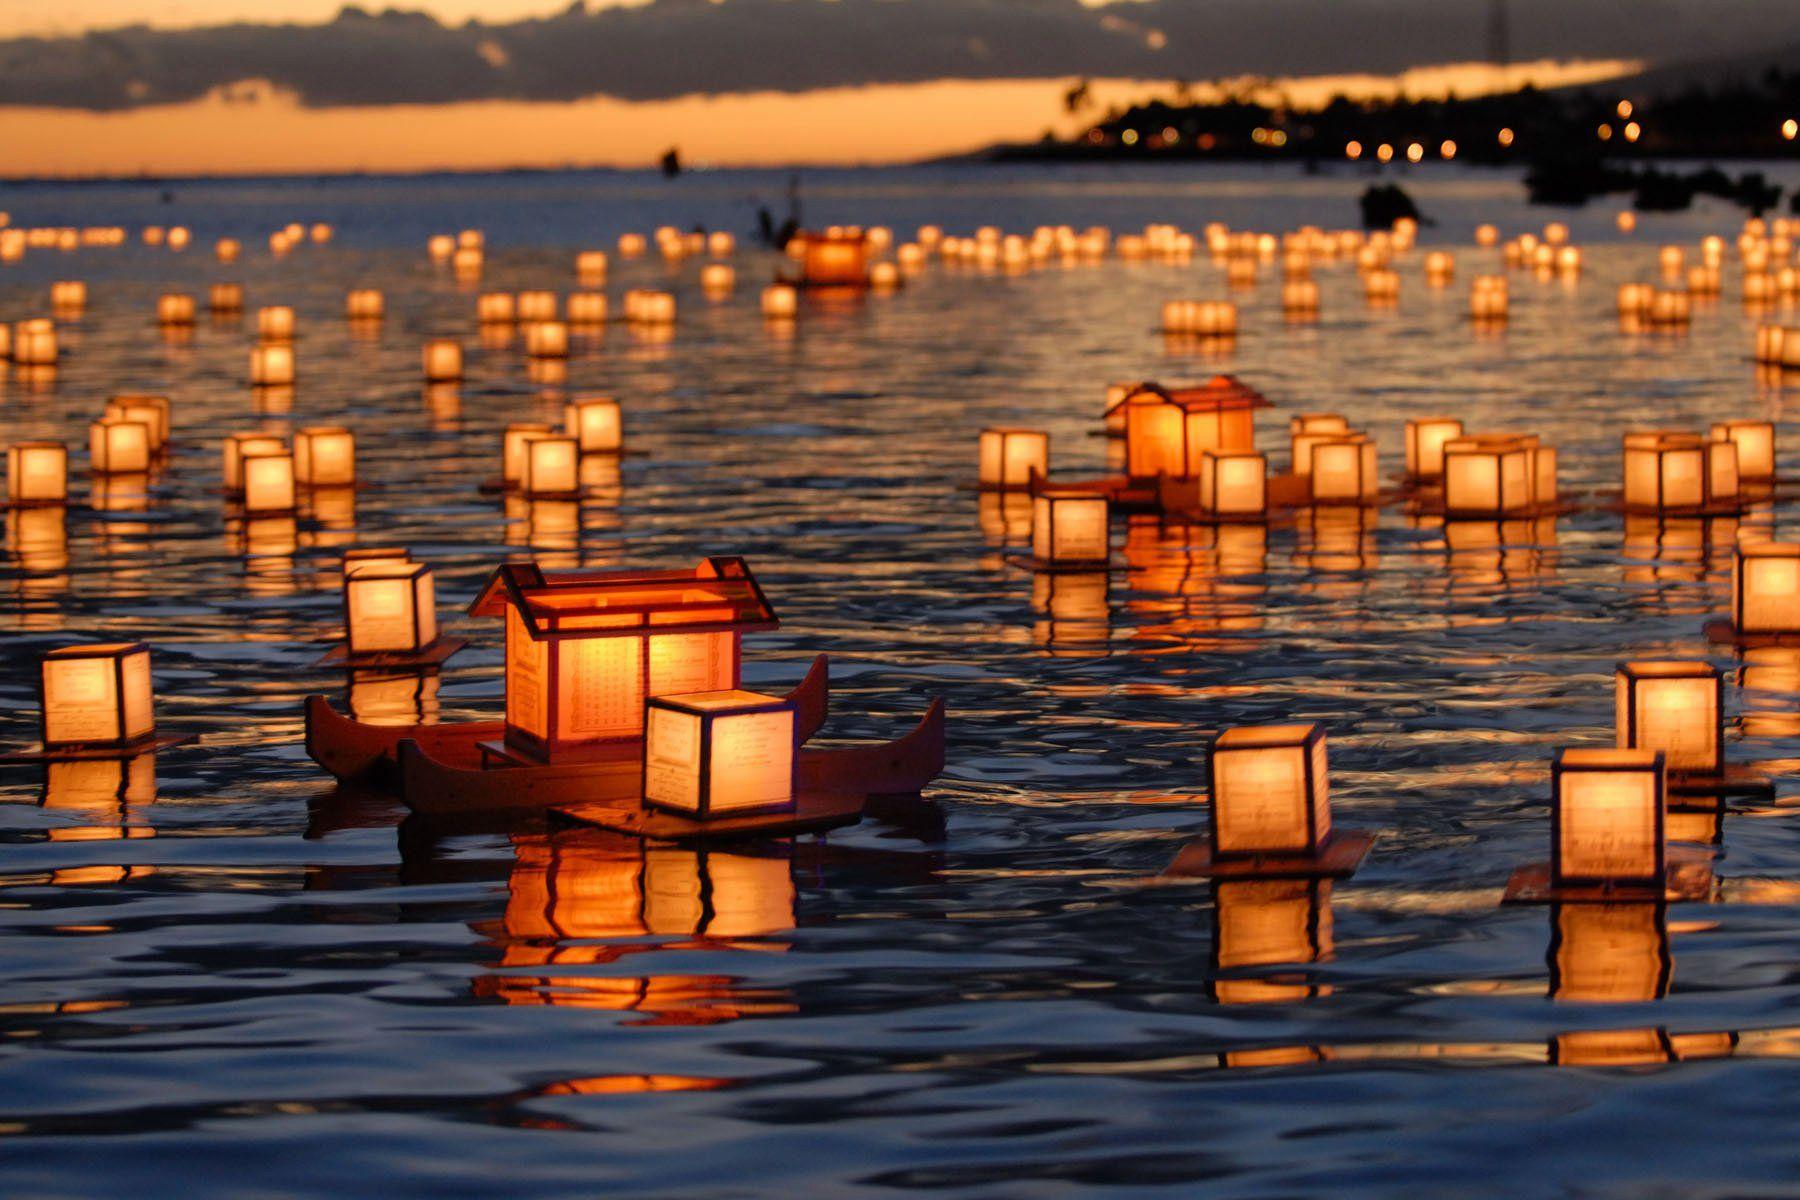 Big Island Hawaii Lantern Floating Hawaii origined from the